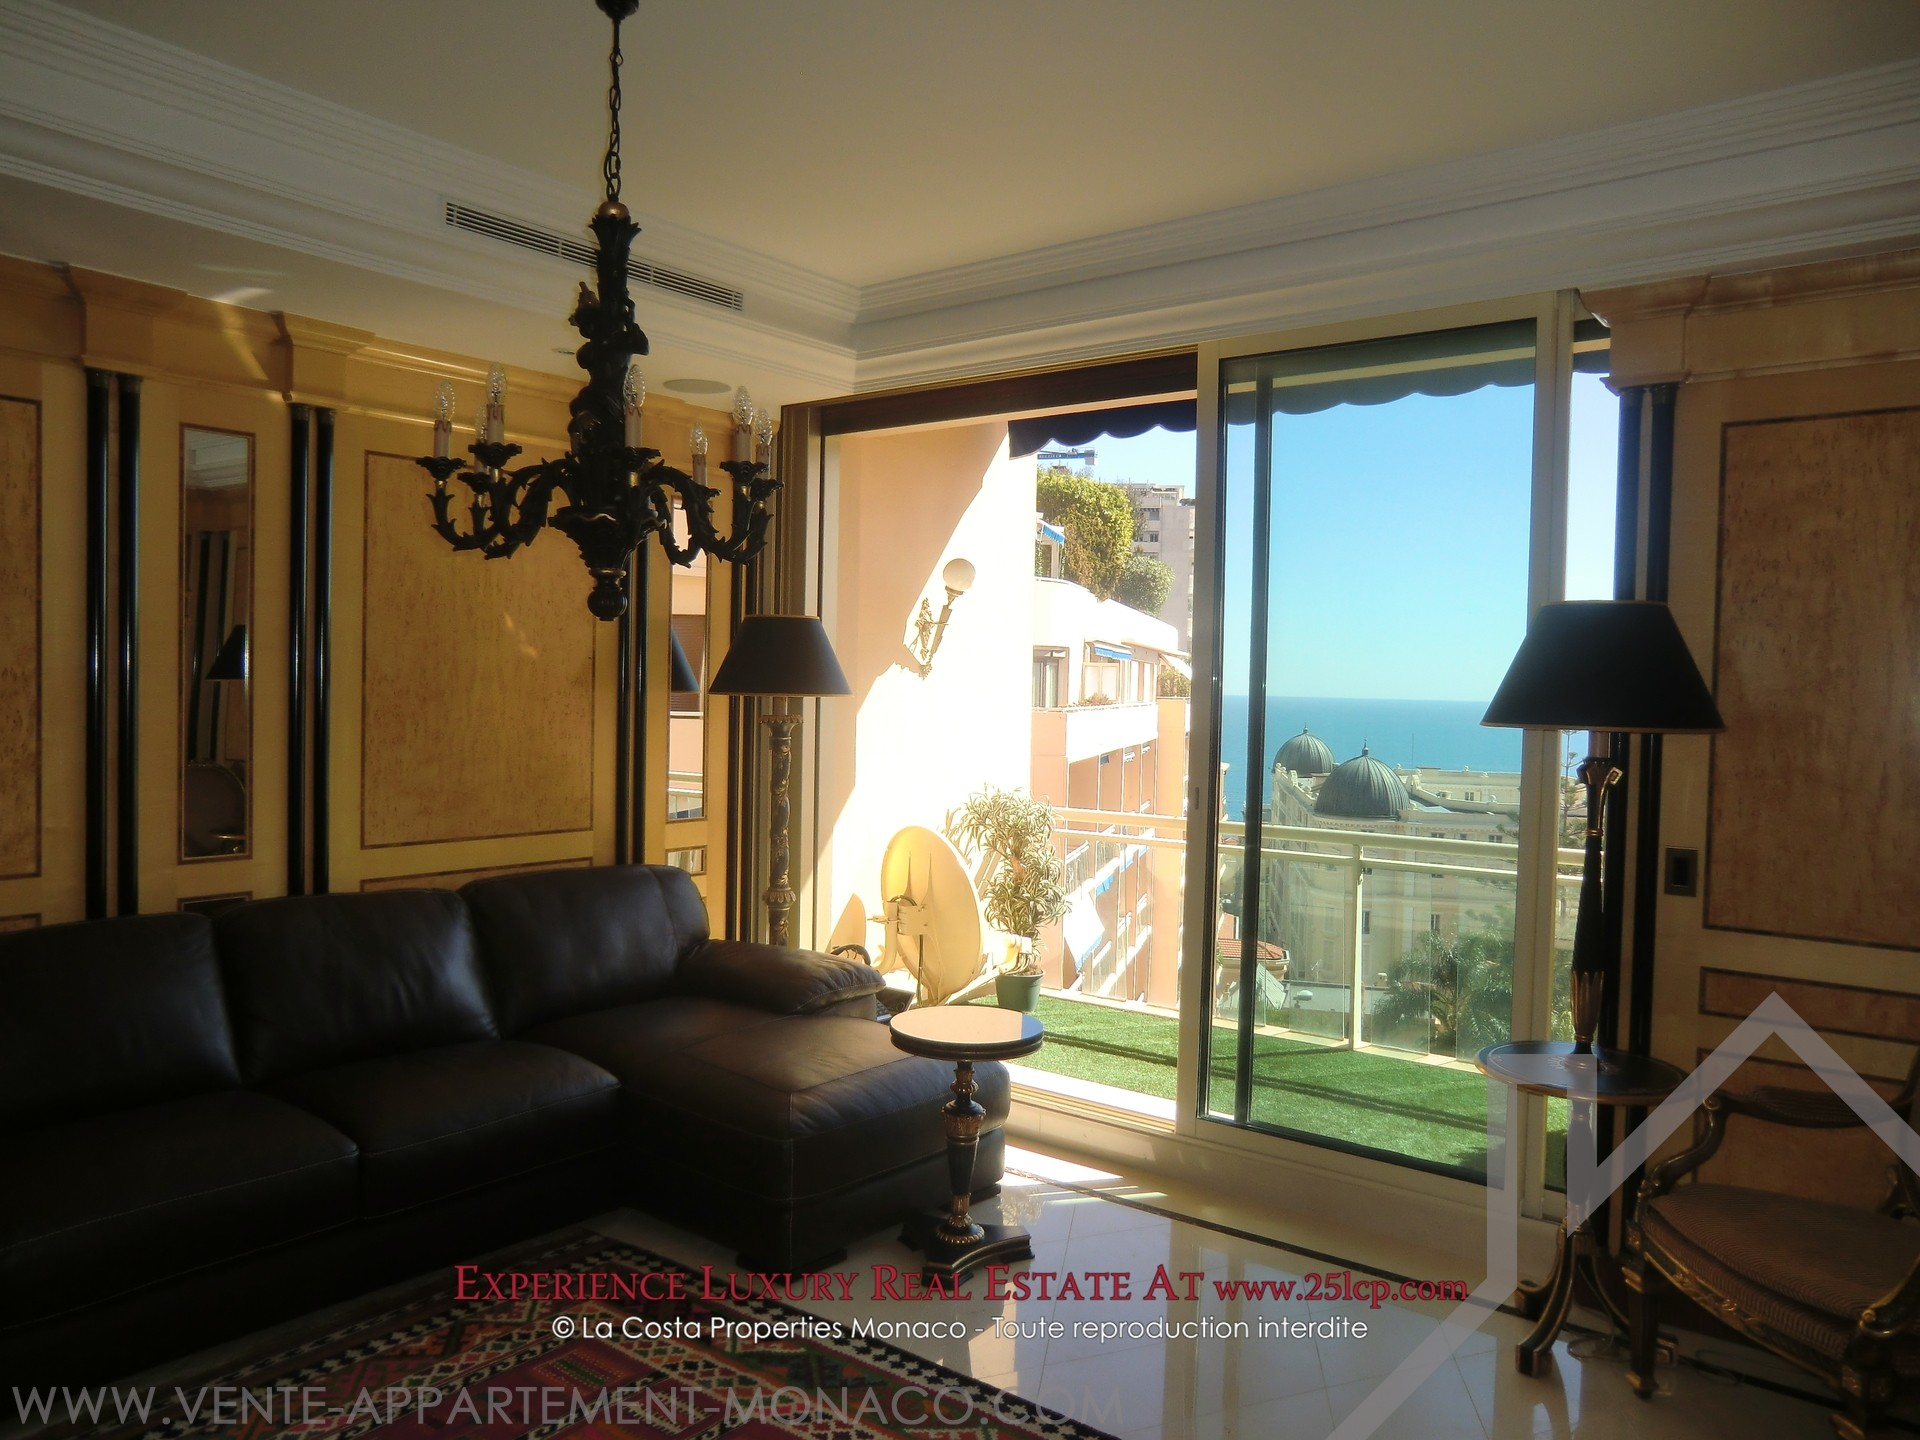 Monte carlo elegant furnished apartment appartamenti for Soggiorno a montecarlo